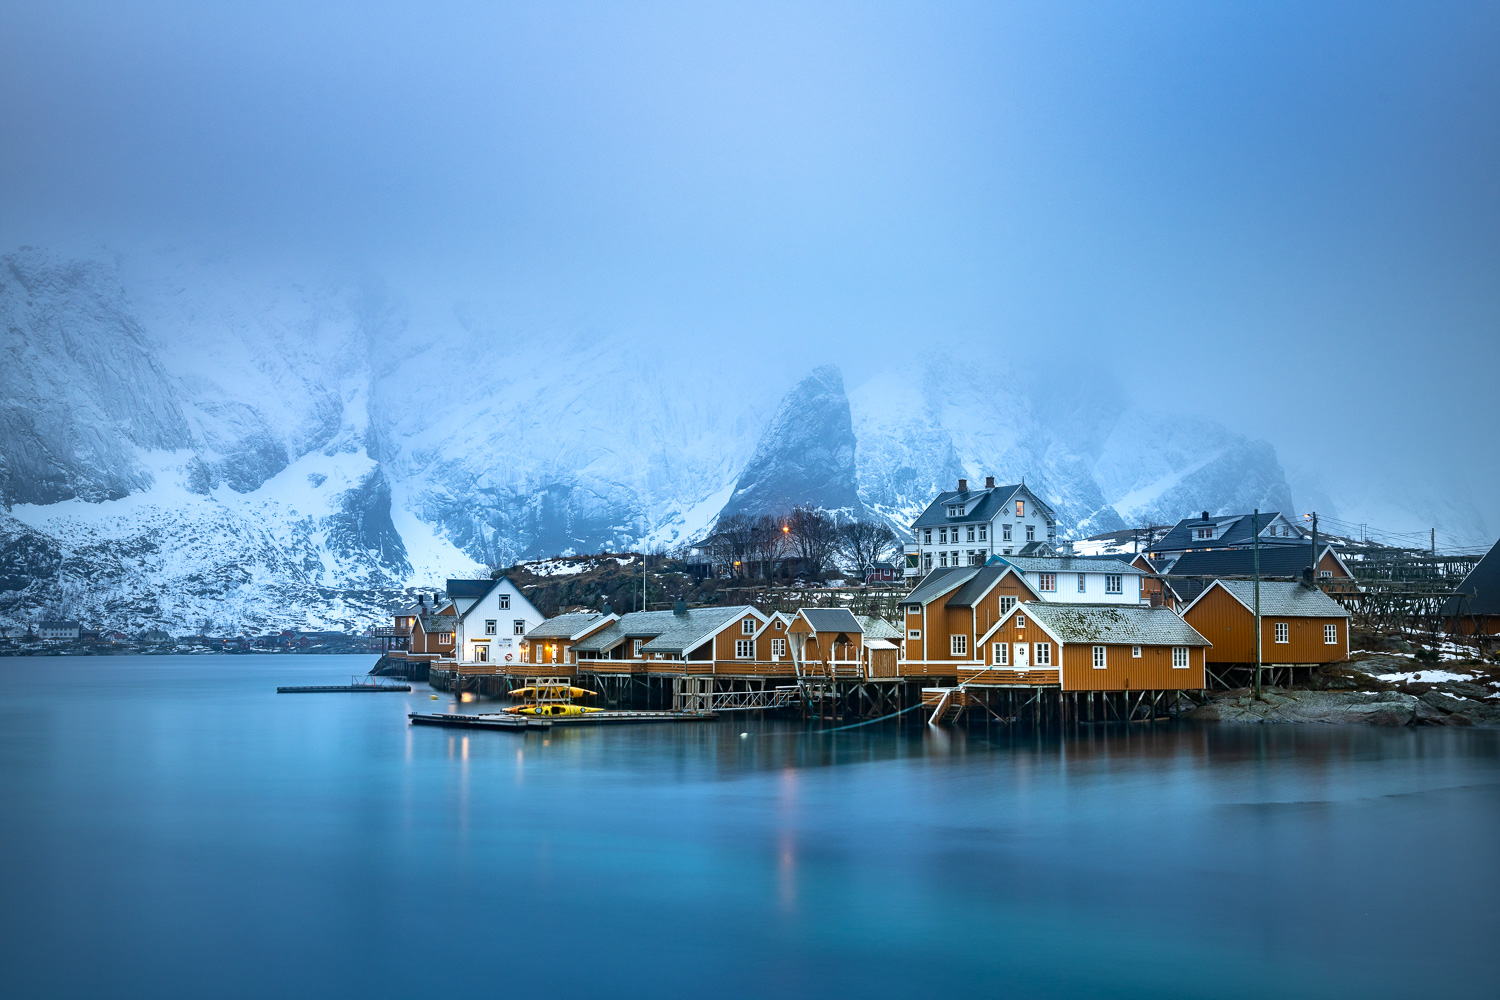 Fischerhütten von Sakrisoy, Lofoten, Norwegen